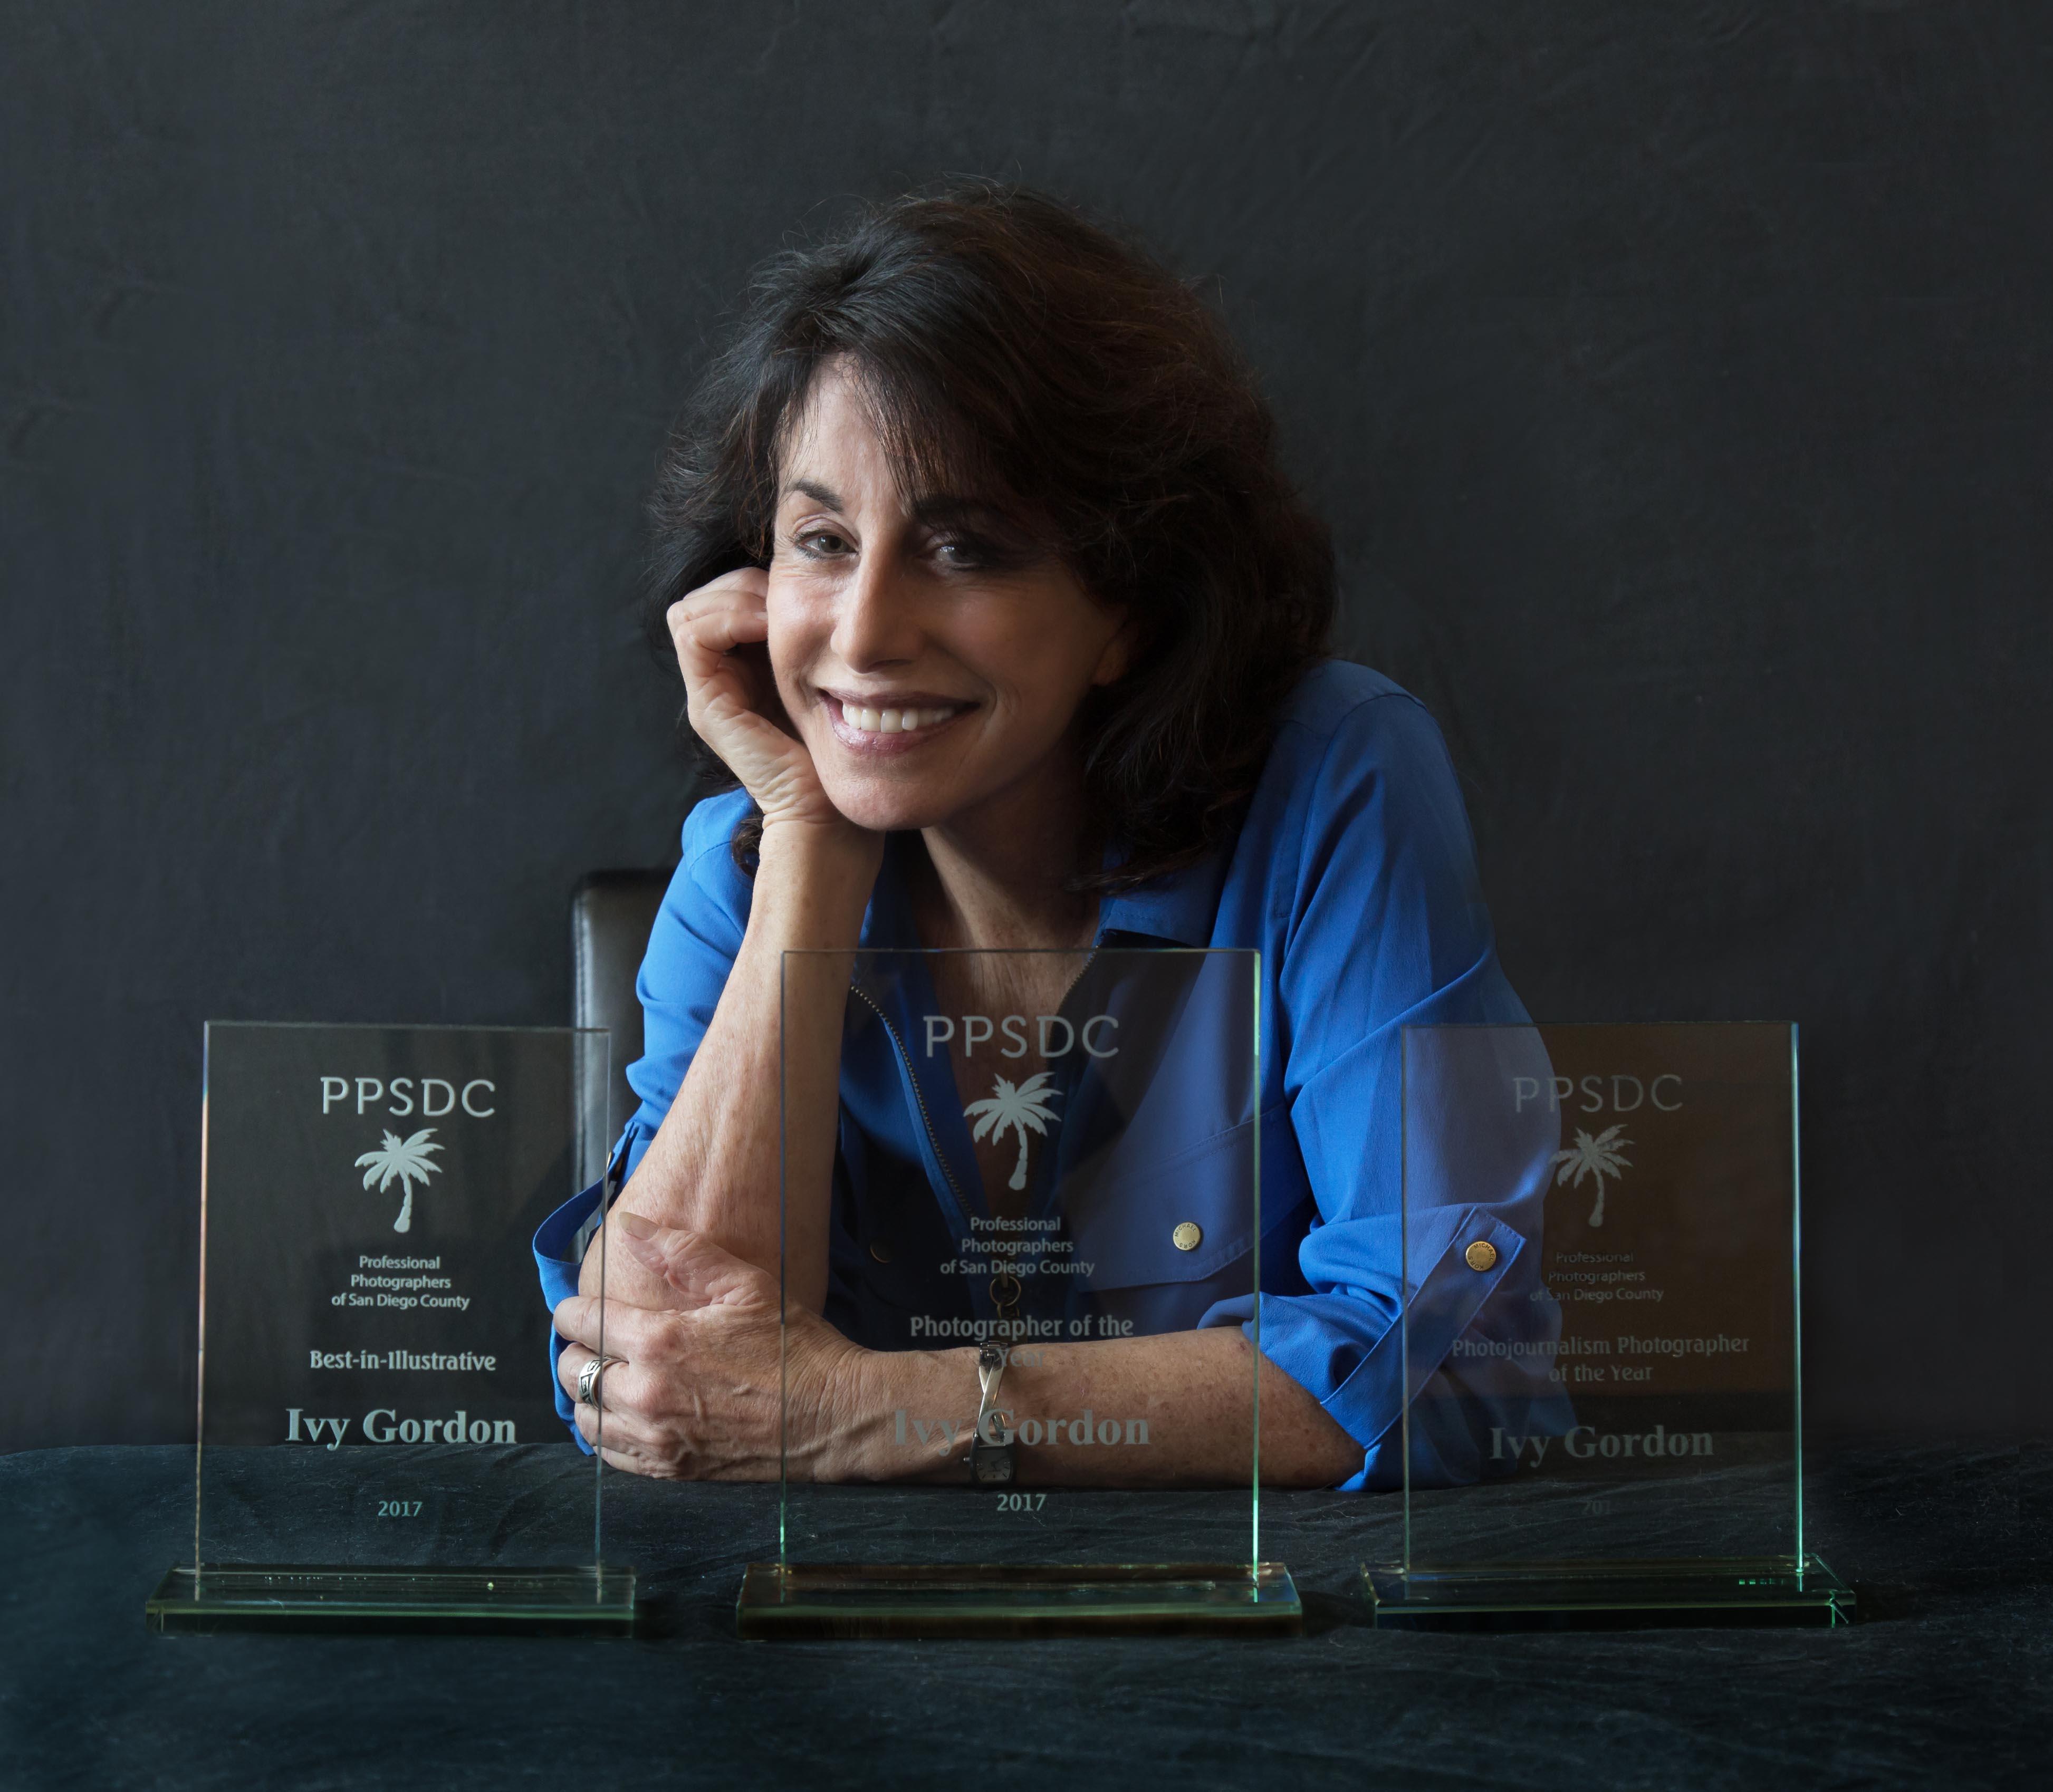 ppa-award-8498-6c